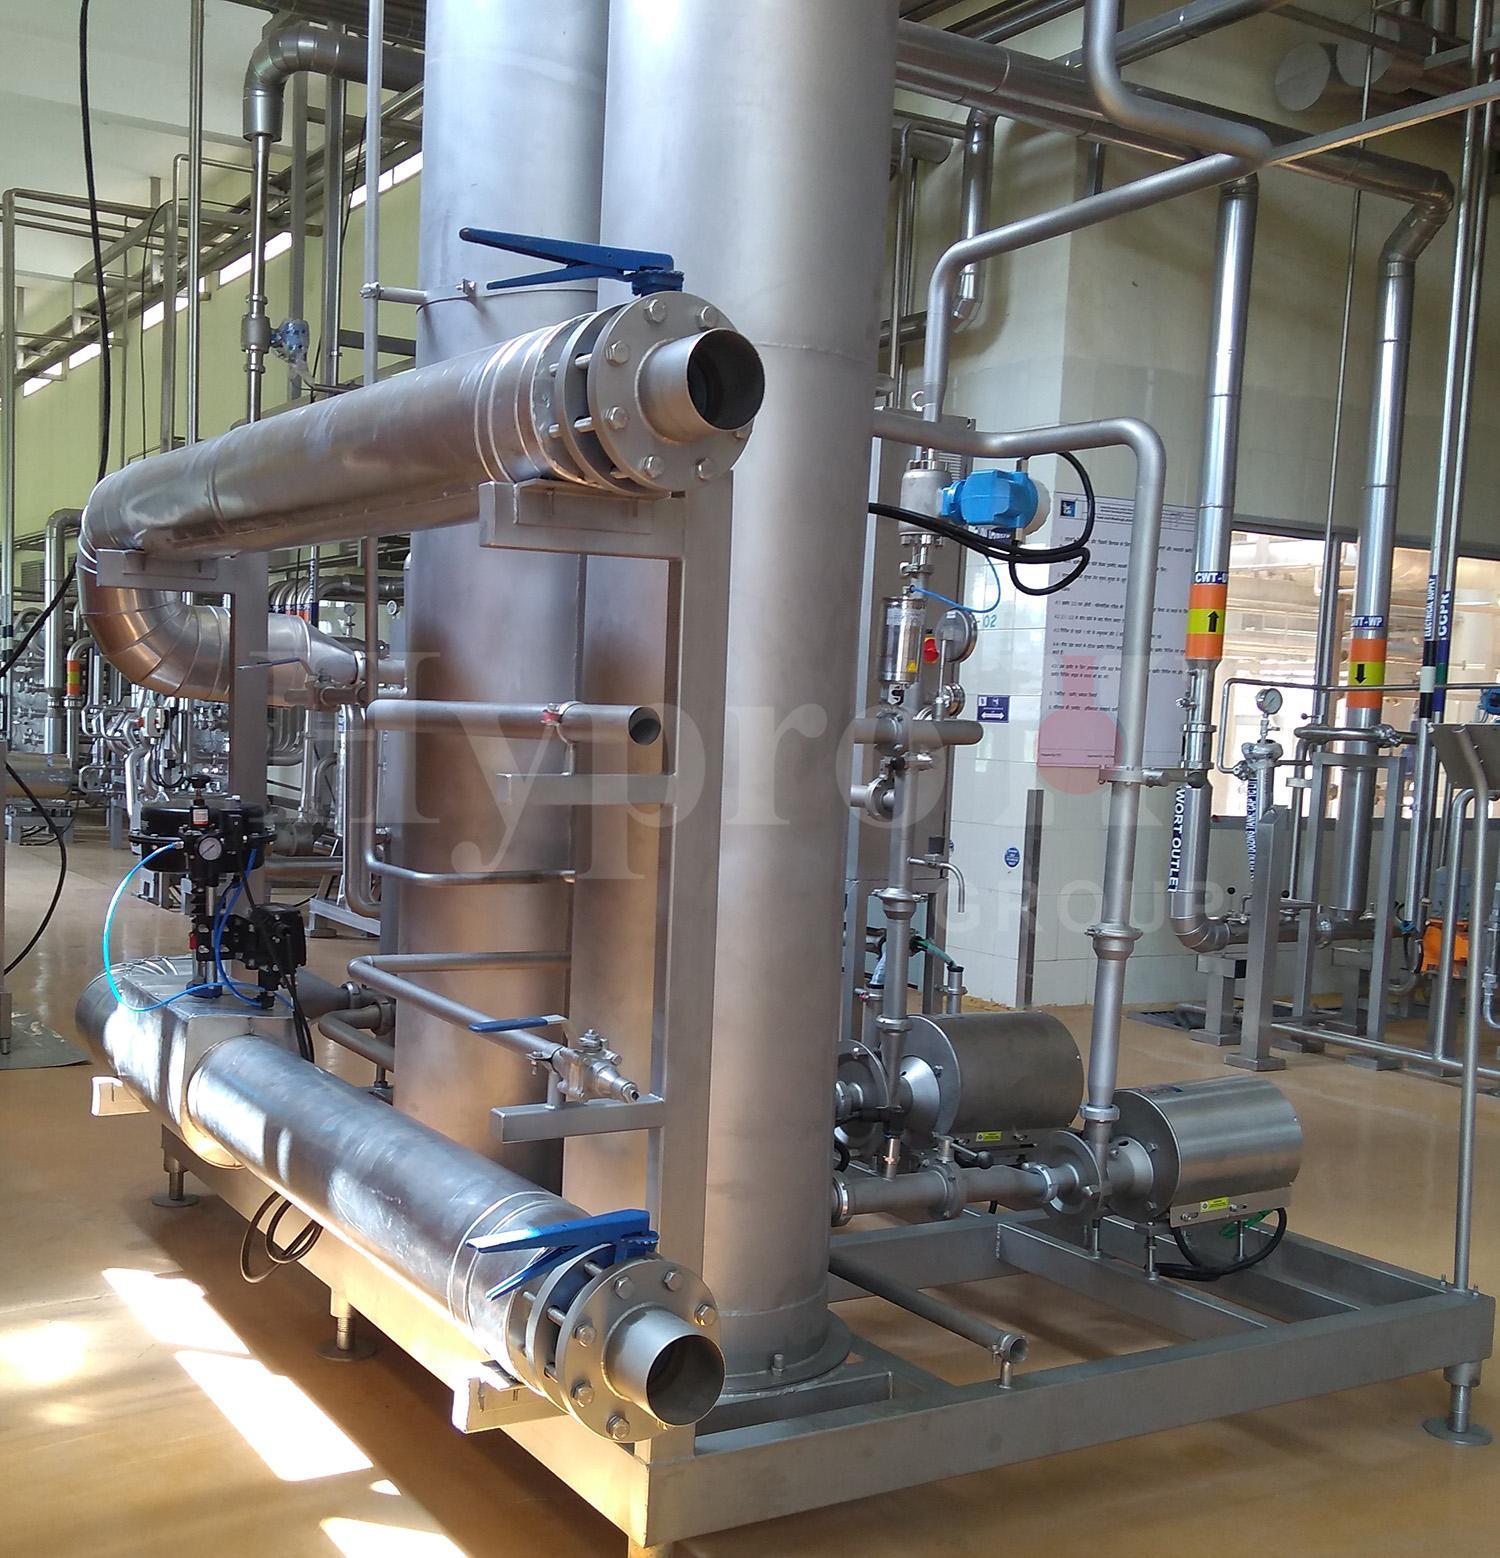 DAW Plant Hypro